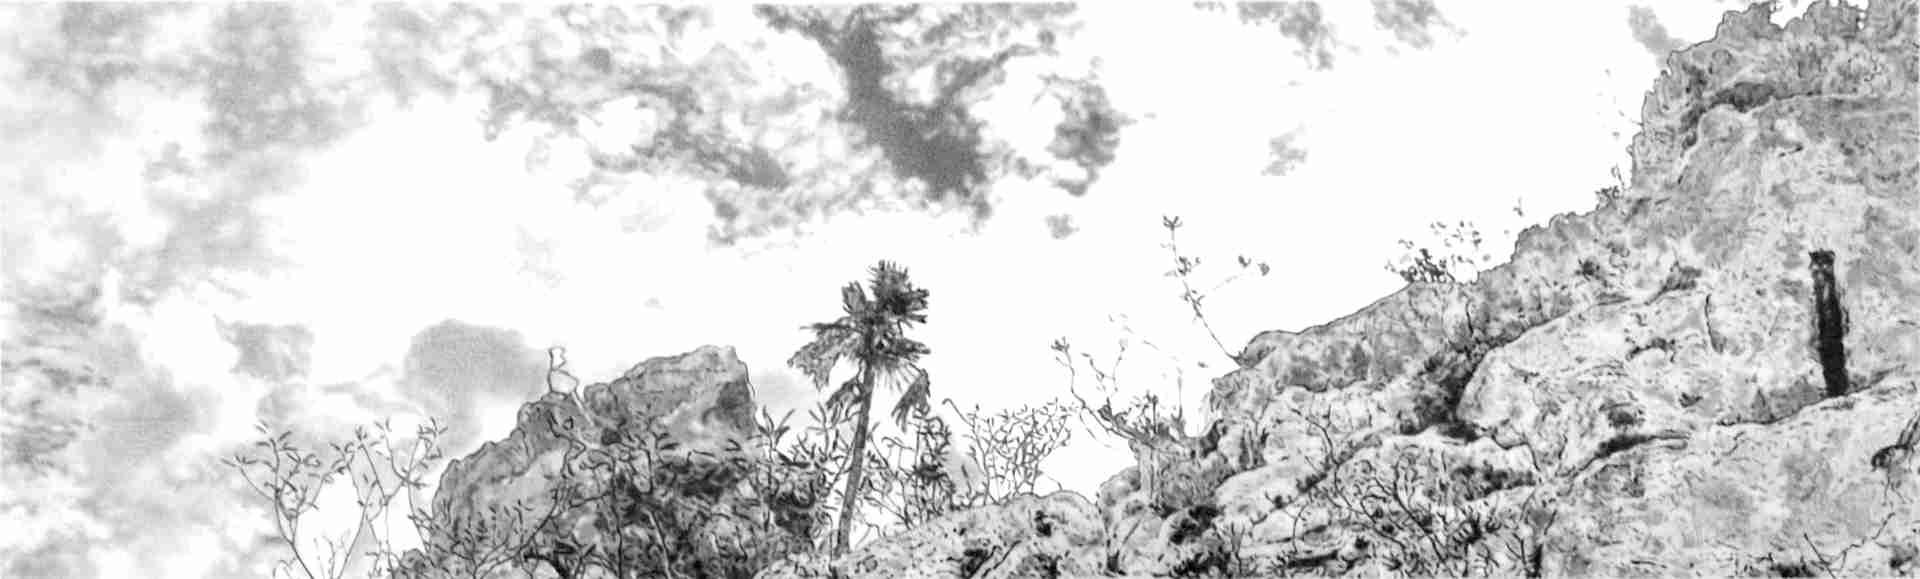 Obra: En lo alto de la peña blanca